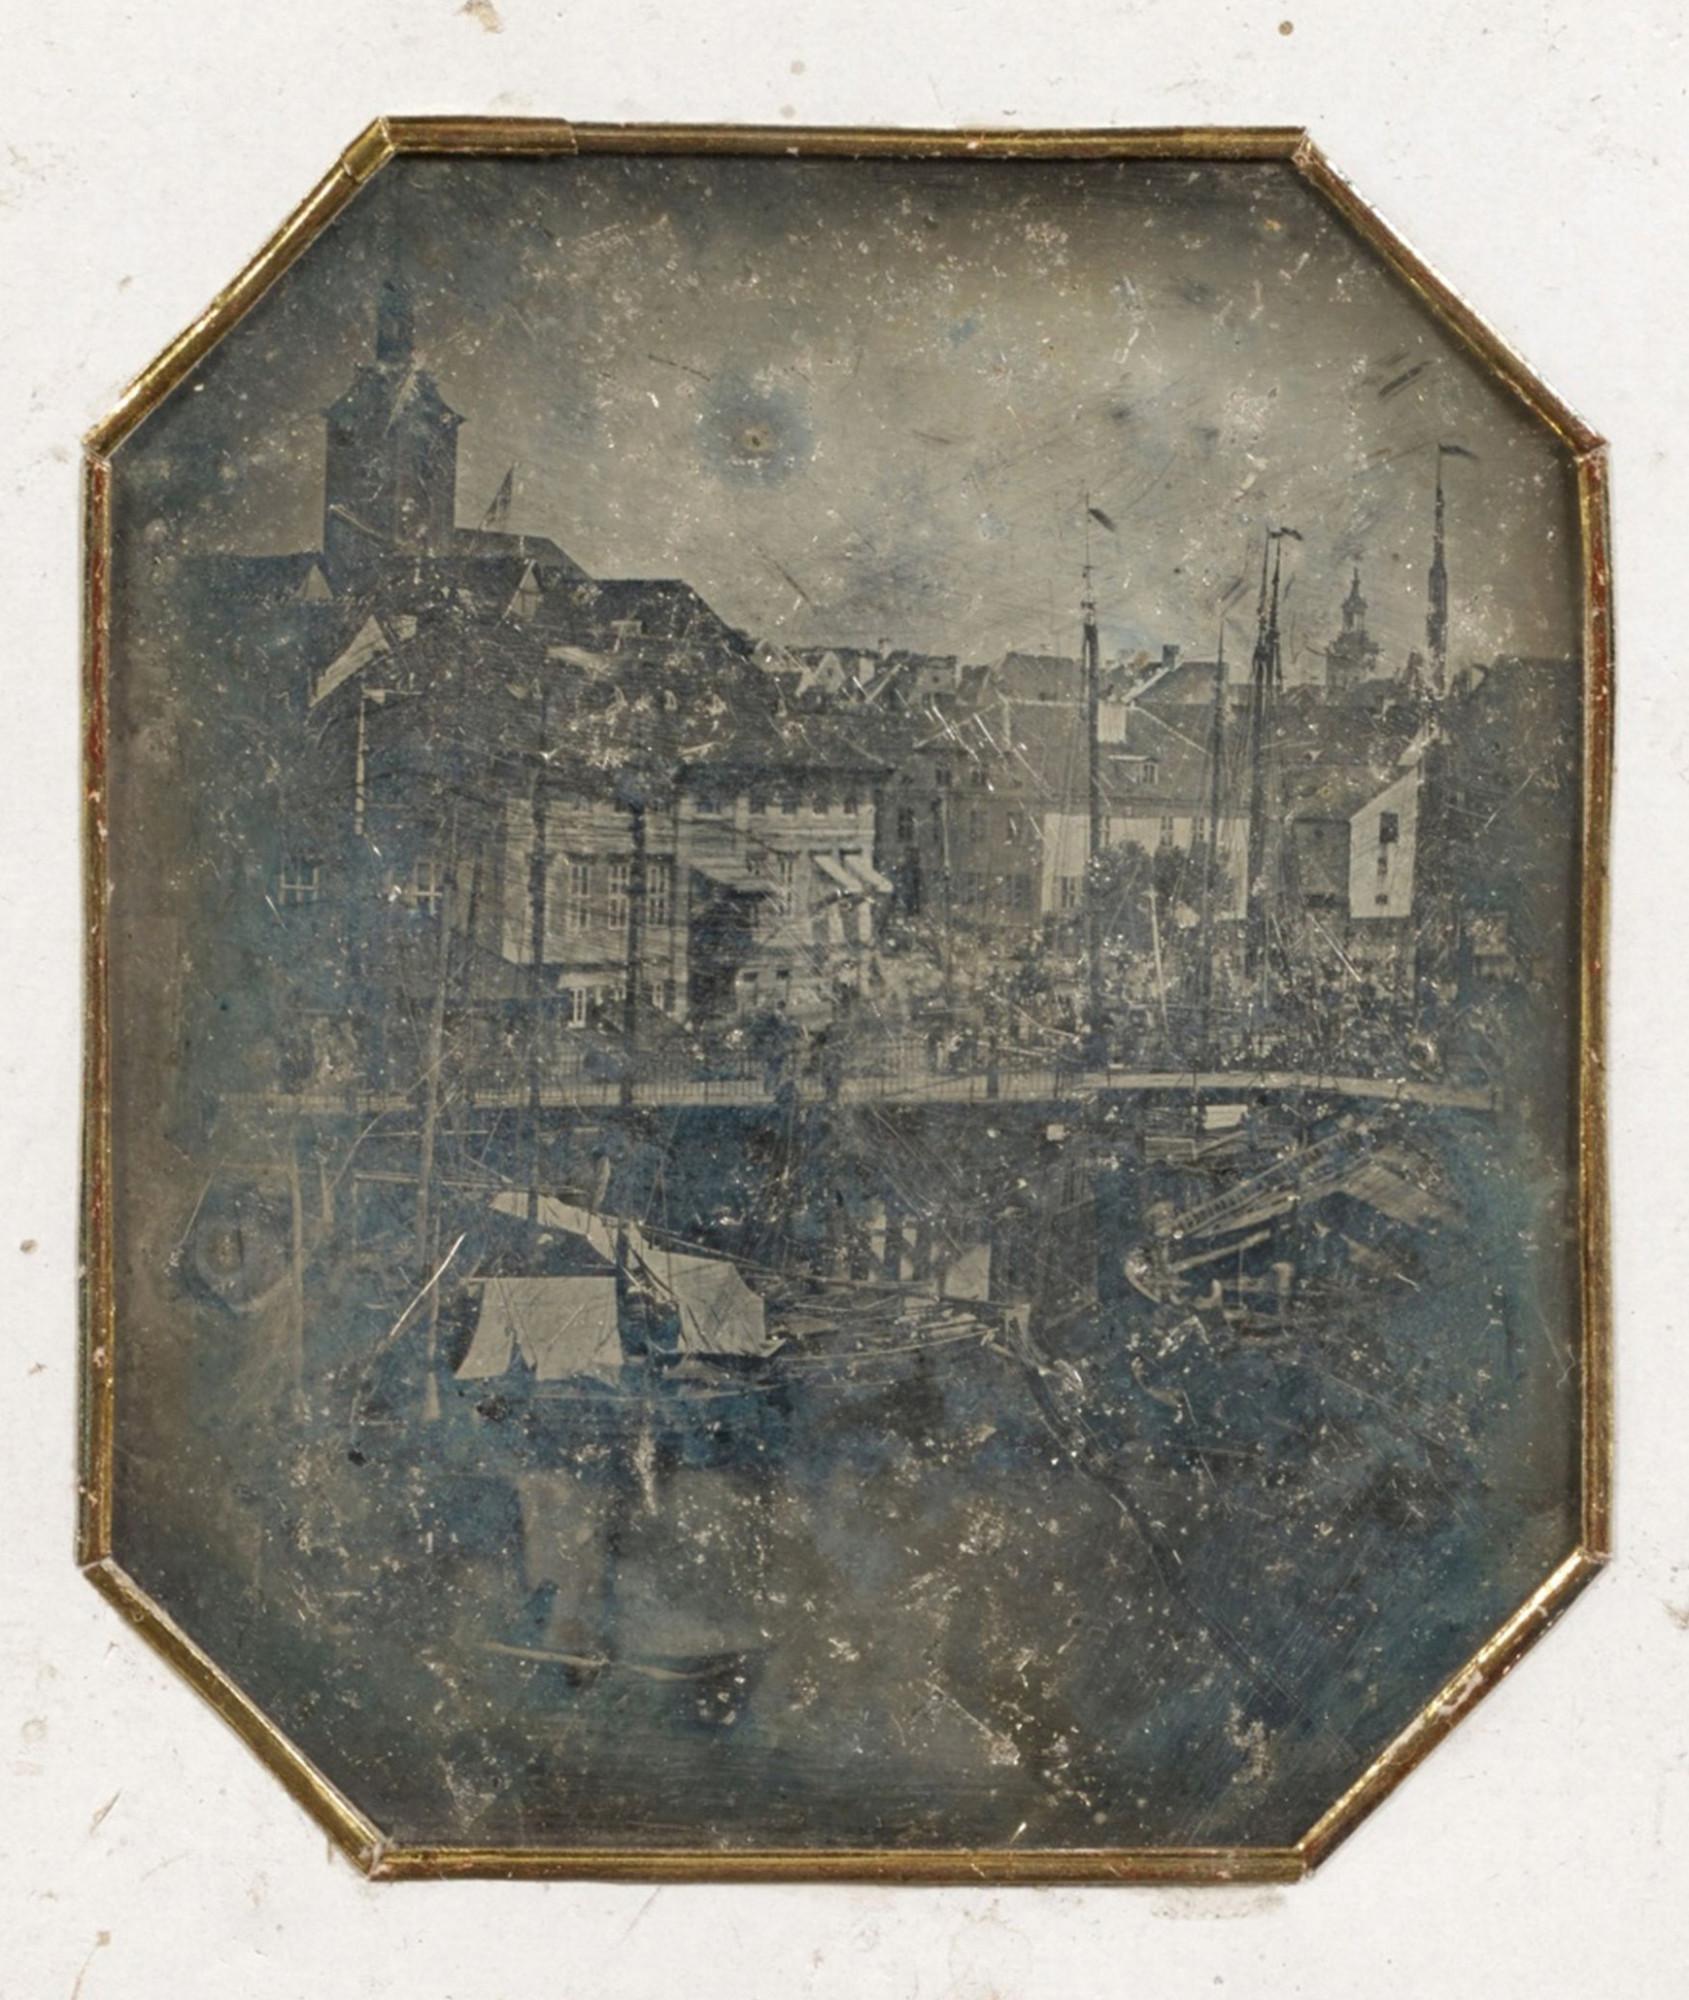 1843 Daguerreotypie Koenigsberg